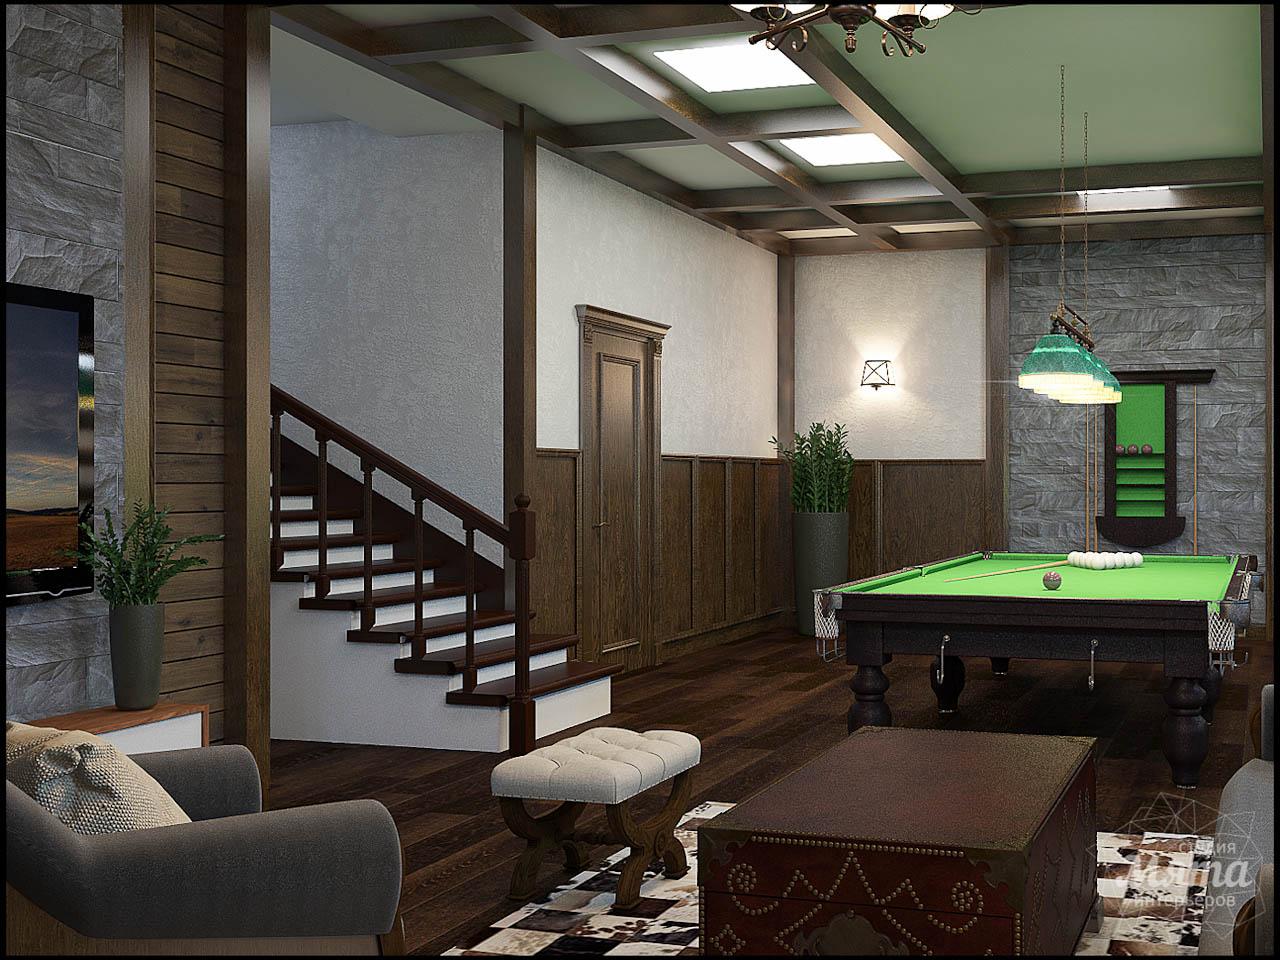 Дизайн интерьера бильярдной в п. Балтым img1233558709